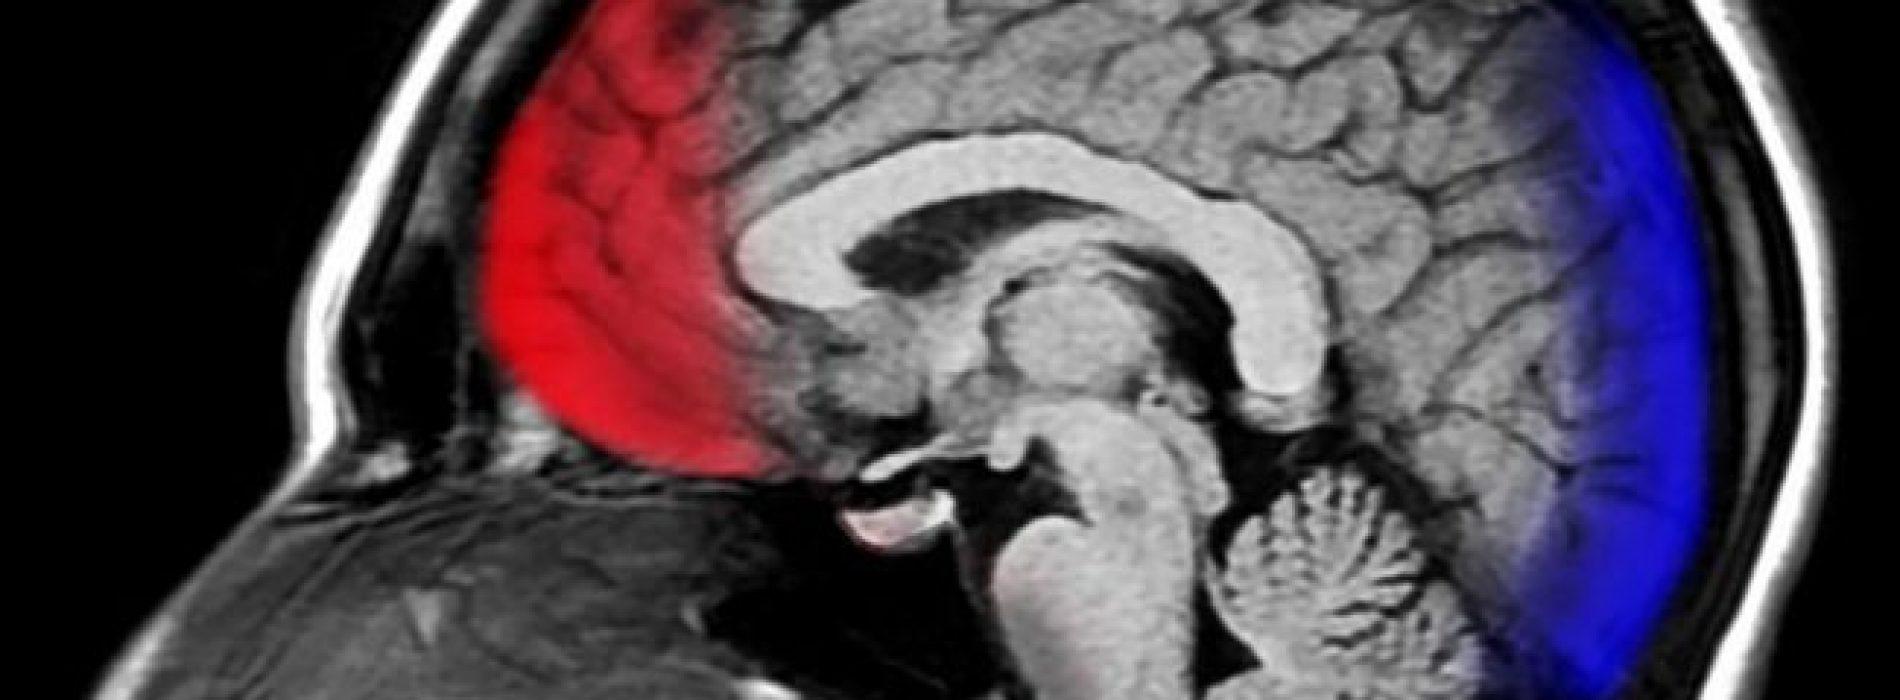 Neurowetenschappen onthullen hoe dankbaarheid je hersenen letterlijk opnieuw afsteld om gelukkiger te zijn